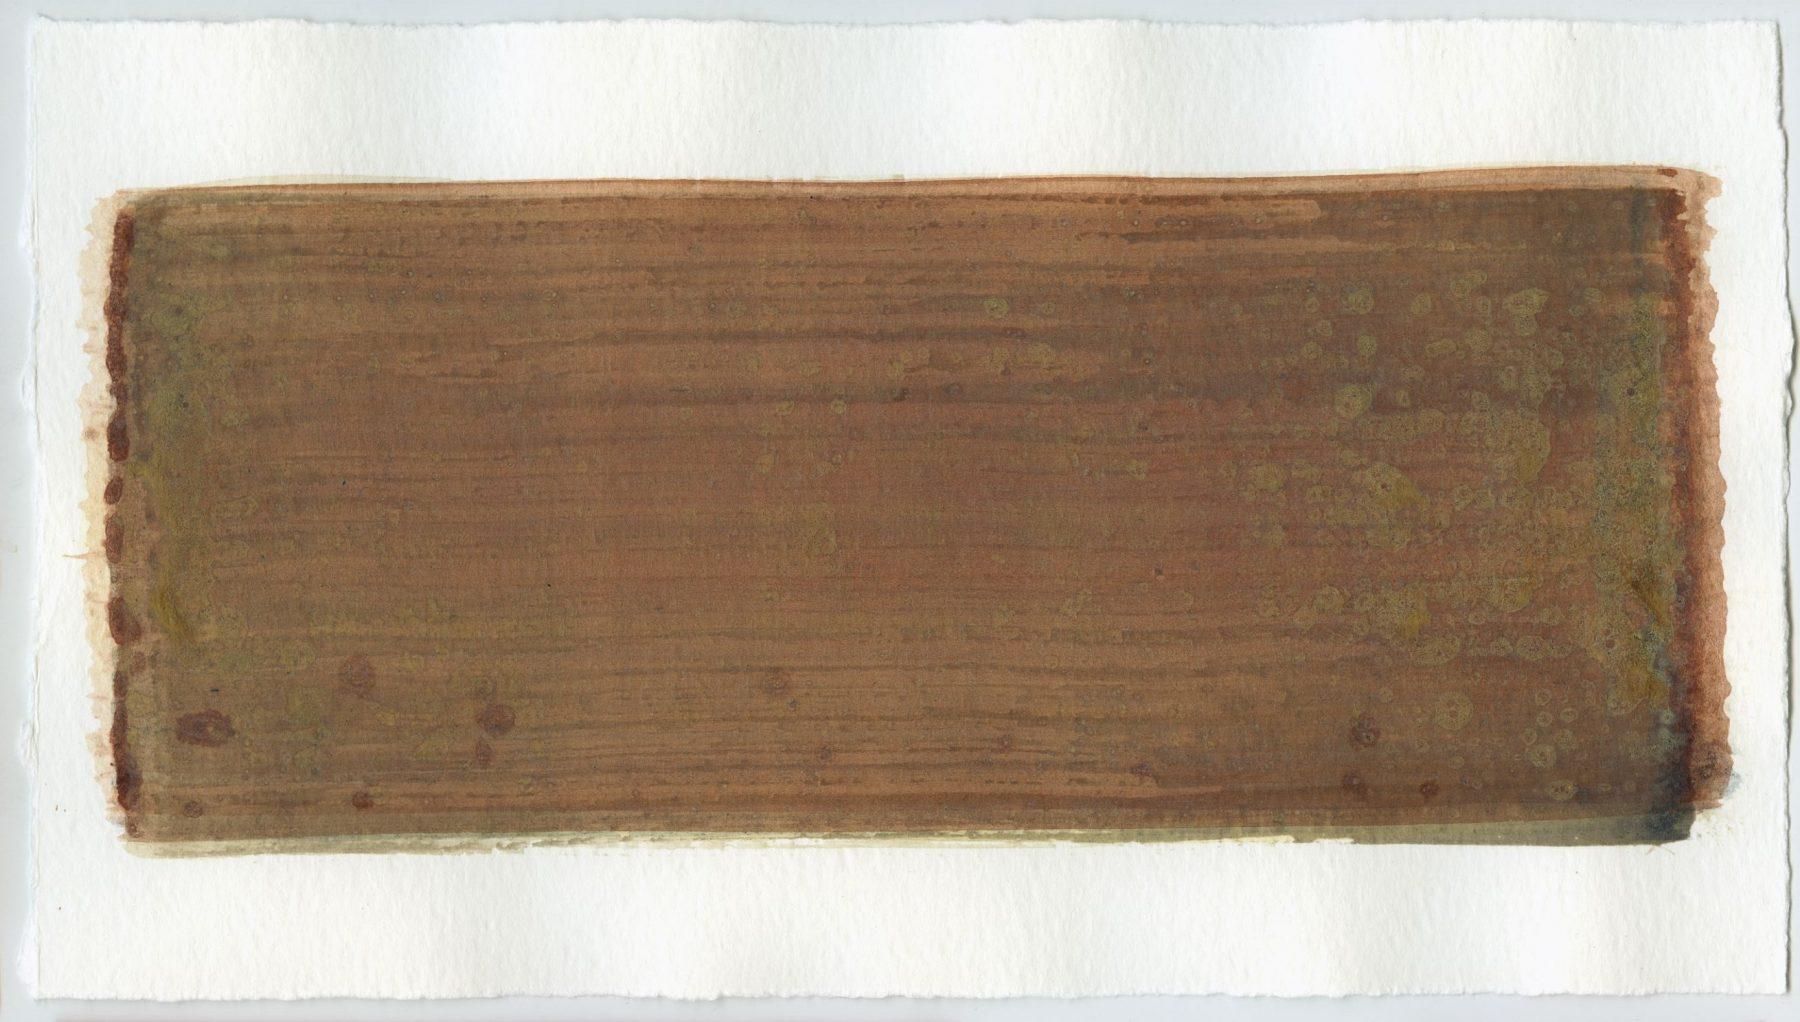 Brush stroke no. 90 - Selfmade pigment: IJzeroer gebrand, Mortelse oker, Boekels grijs